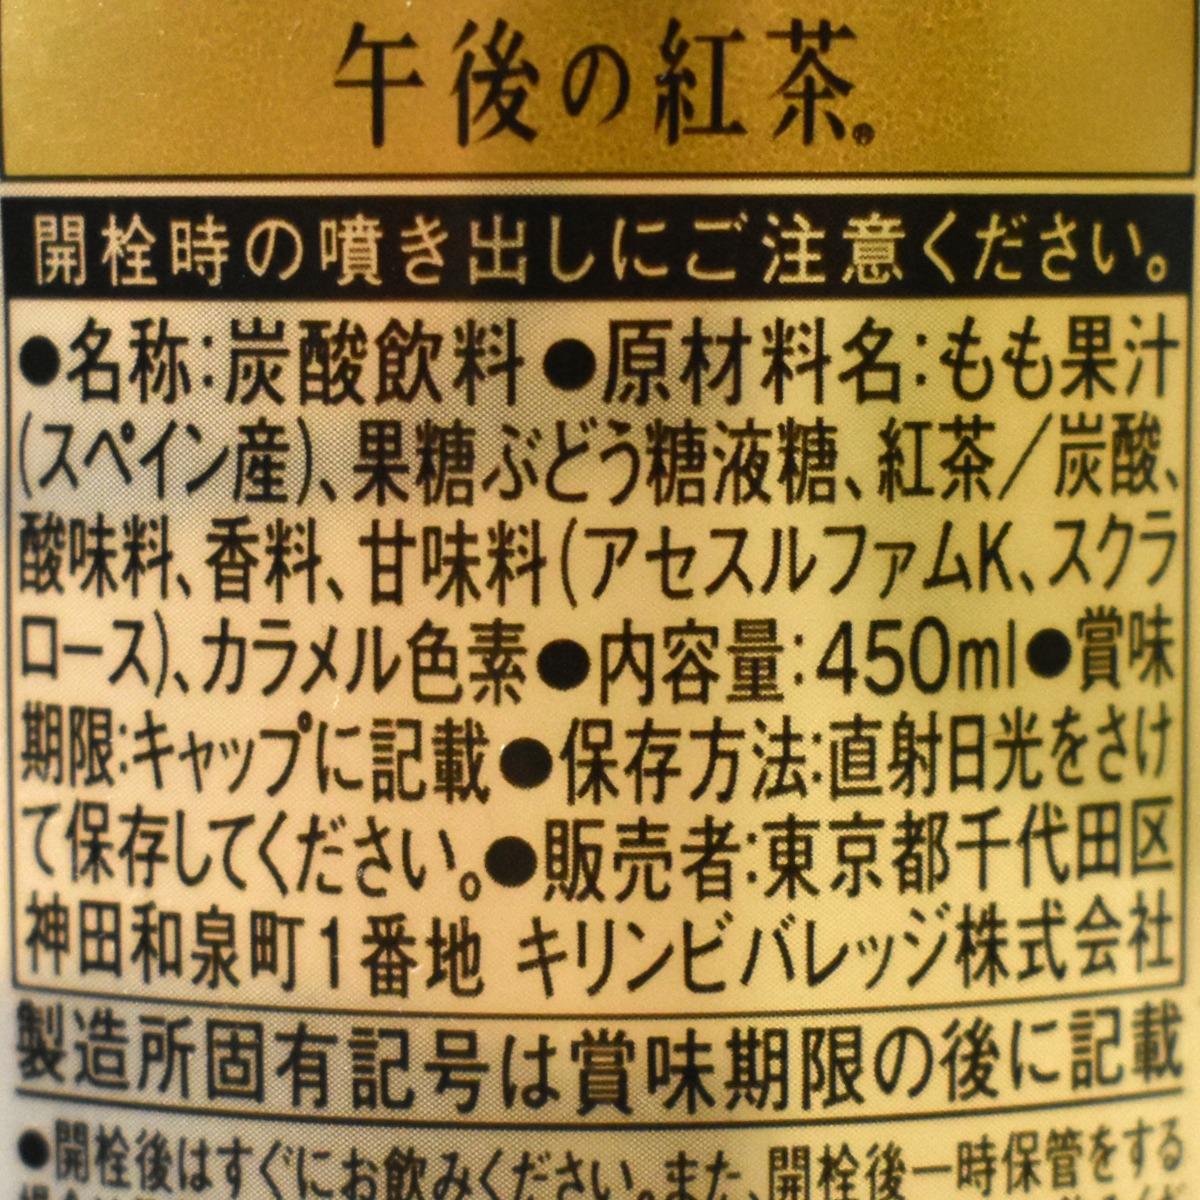 午後の紅茶 ピーチ&ペアティーソーダの原材料名